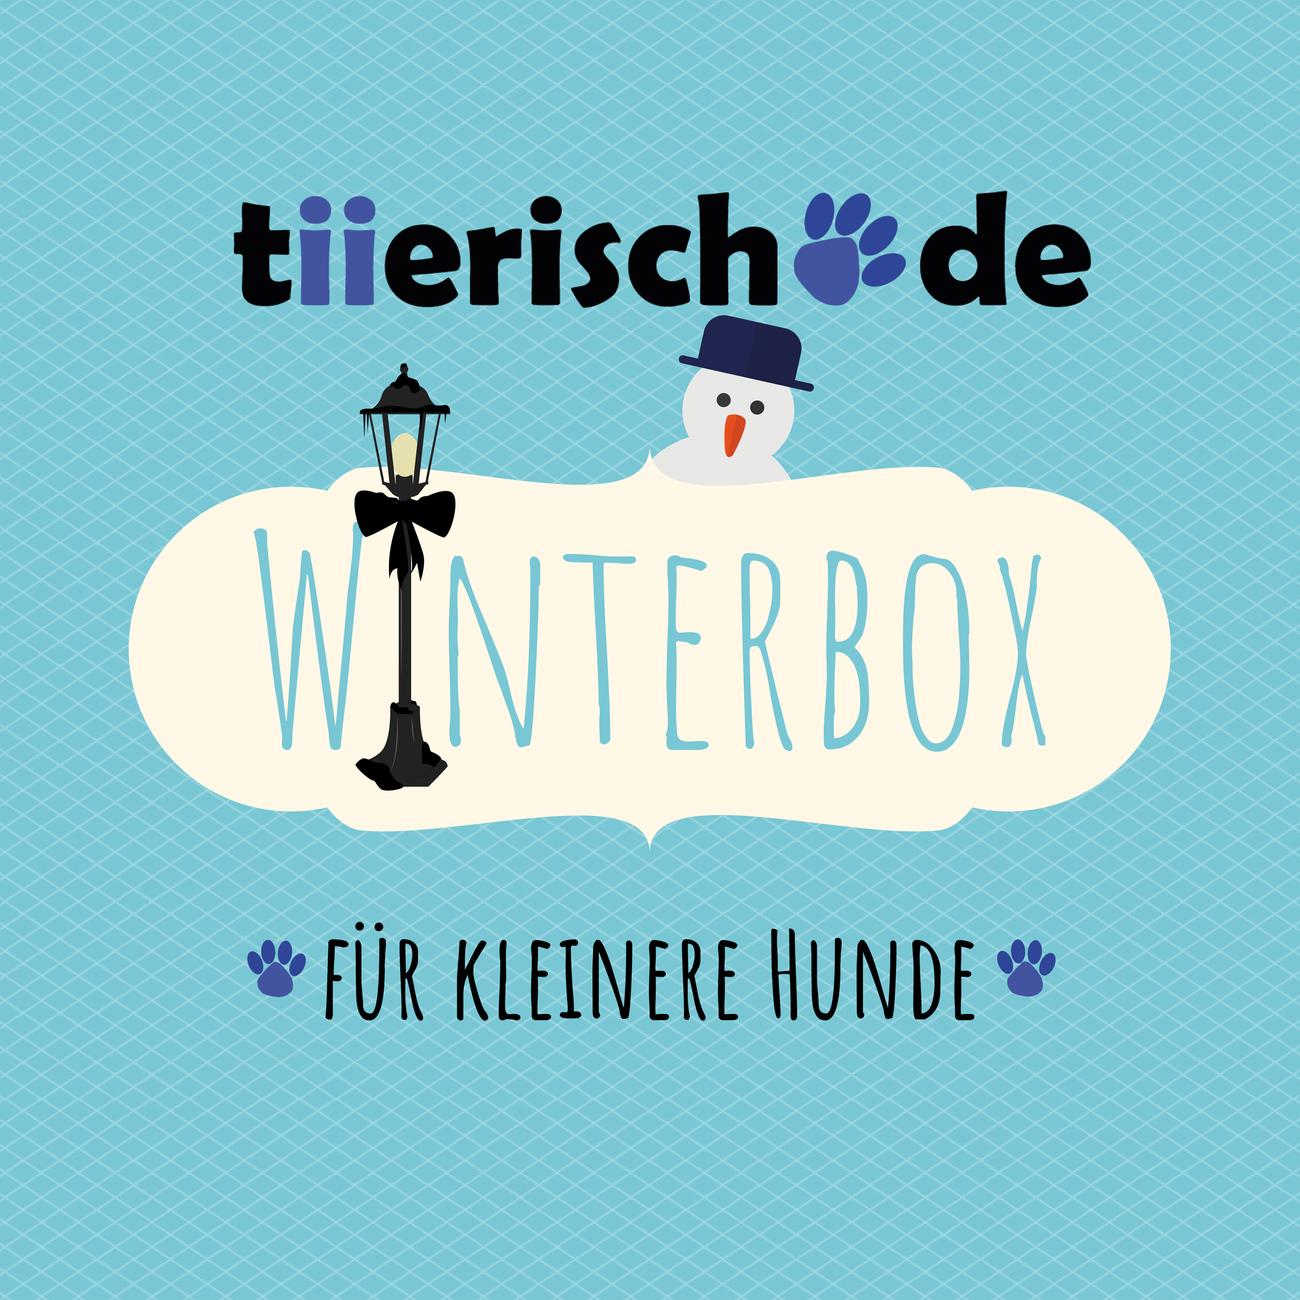 tiierisch.de Die Winterbox, Bild 4